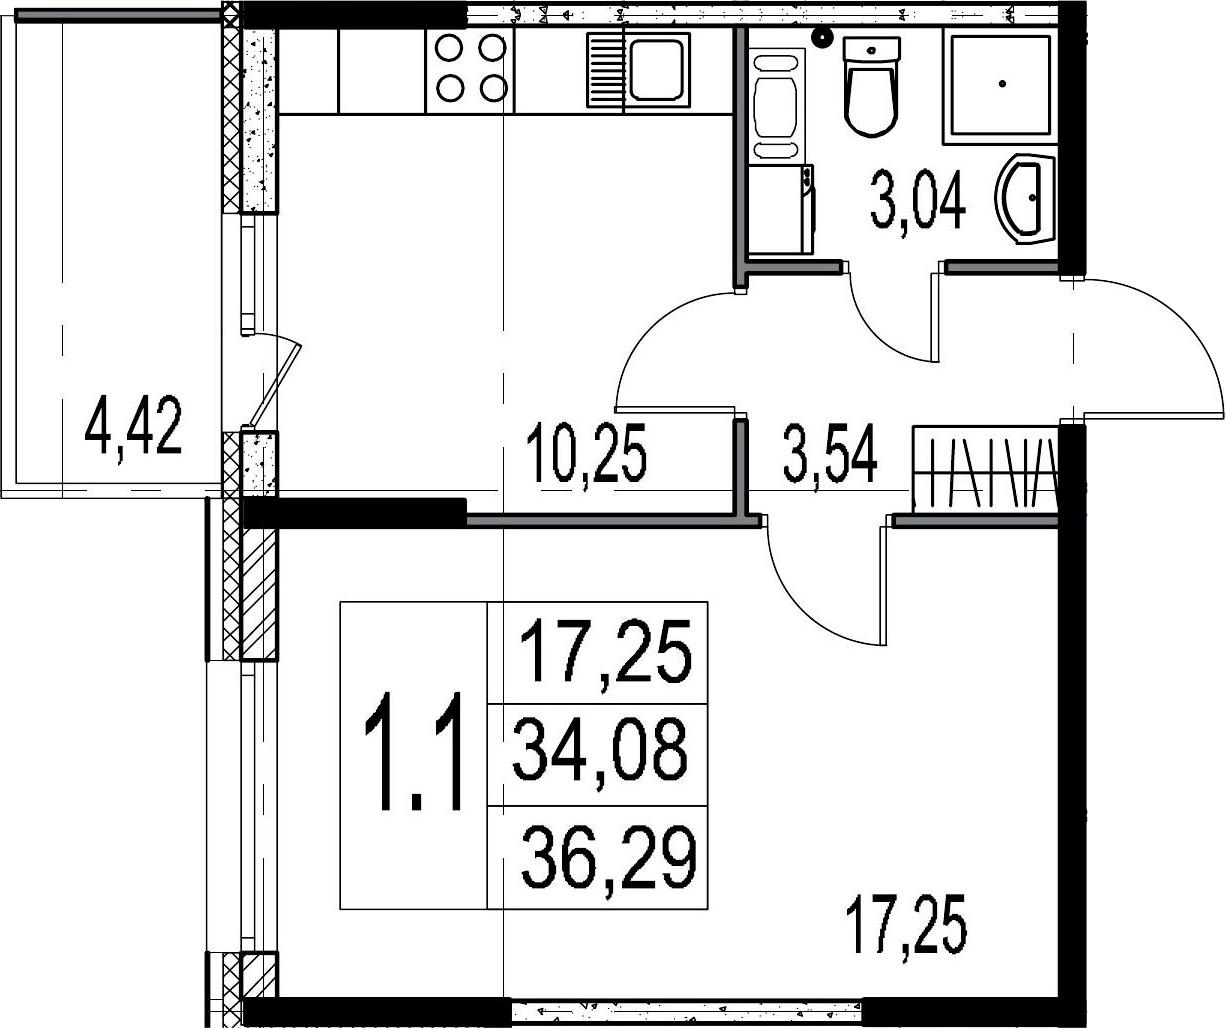 1-к.кв, 34.08 м², 3 этаж